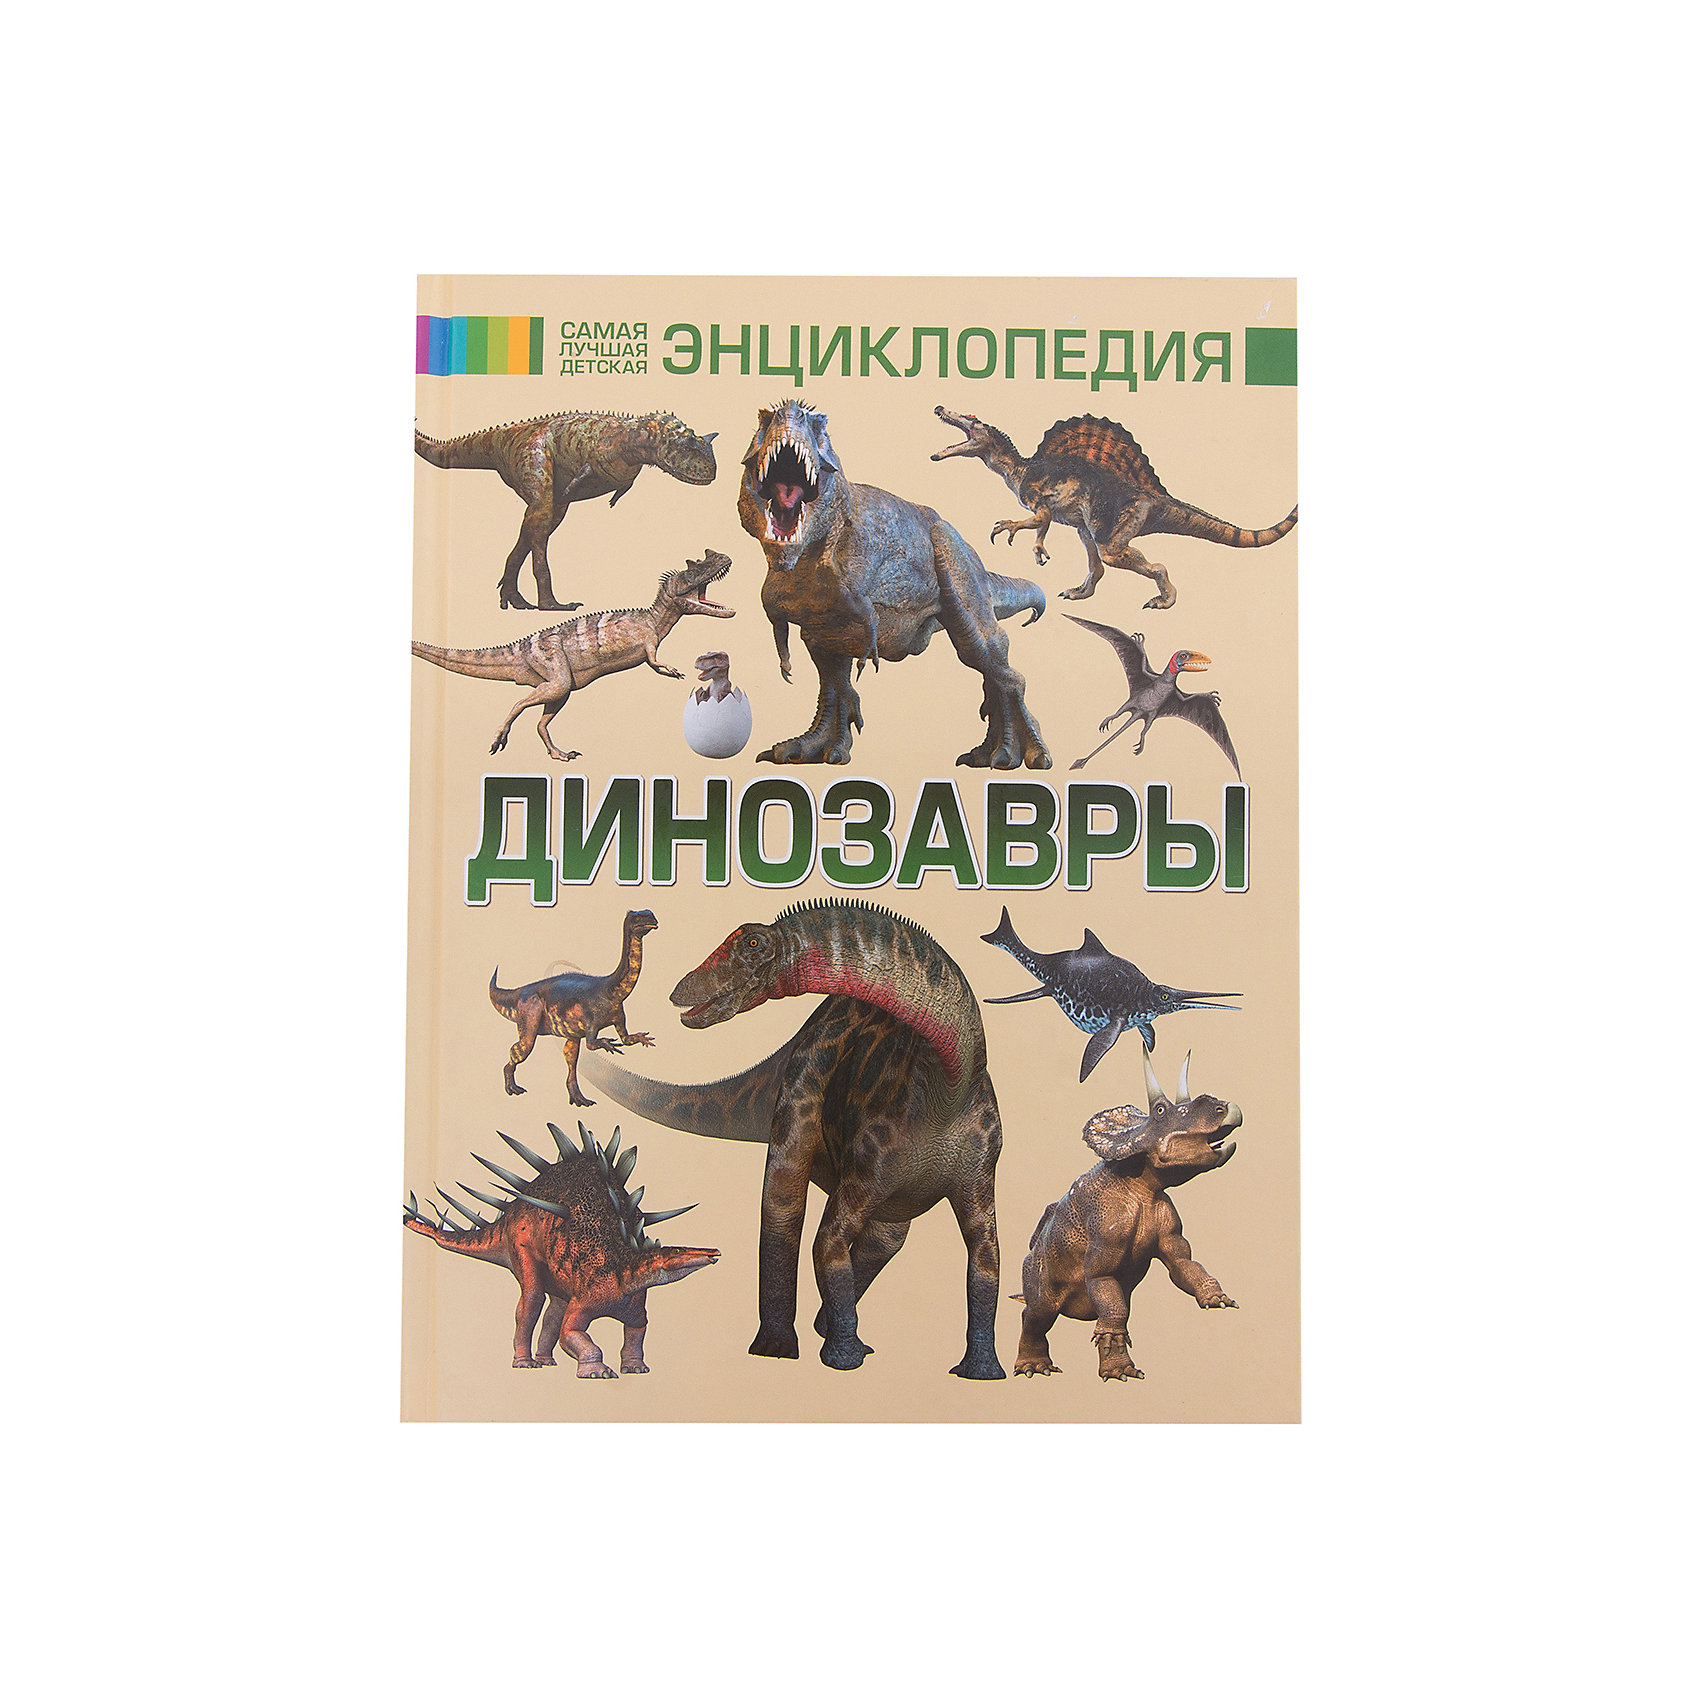 Энциклопедия ДинозаврыЭнциклопедии про динозавров<br>Много миллионов лет назад, когда на Земле еще не было людей, на нашей планете жили необычные животные — динозавры, а потом они вдруг исчезли. Кто и каким образом занимается изучением этих древних ящеров, сколько их было, какими они были, чем отличались друг от друга — на все эти и множество других вопросов даст ответы наша энциклопедия. Аллозавр, брахиозавр, велоцираптор, диплодок, дракорекс, стегозавр, тираннозавр, трицератопс, ютараптор — вот далеко не полный перечень представителей удивительного, но, к сожалению, исчезнувшего мира — мира динозавров.<br>Познай загадочный мир древних ящеров, прочитав самую лучшую детскую энциклопедию!<br>Для среднего и старшего школьного возраста.<br><br>Ширина мм: 255<br>Глубина мм: 197<br>Высота мм: 160<br>Вес г: 71<br>Возраст от месяцев: 84<br>Возраст до месяцев: 2147483647<br>Пол: Унисекс<br>Возраст: Детский<br>SKU: 6848291